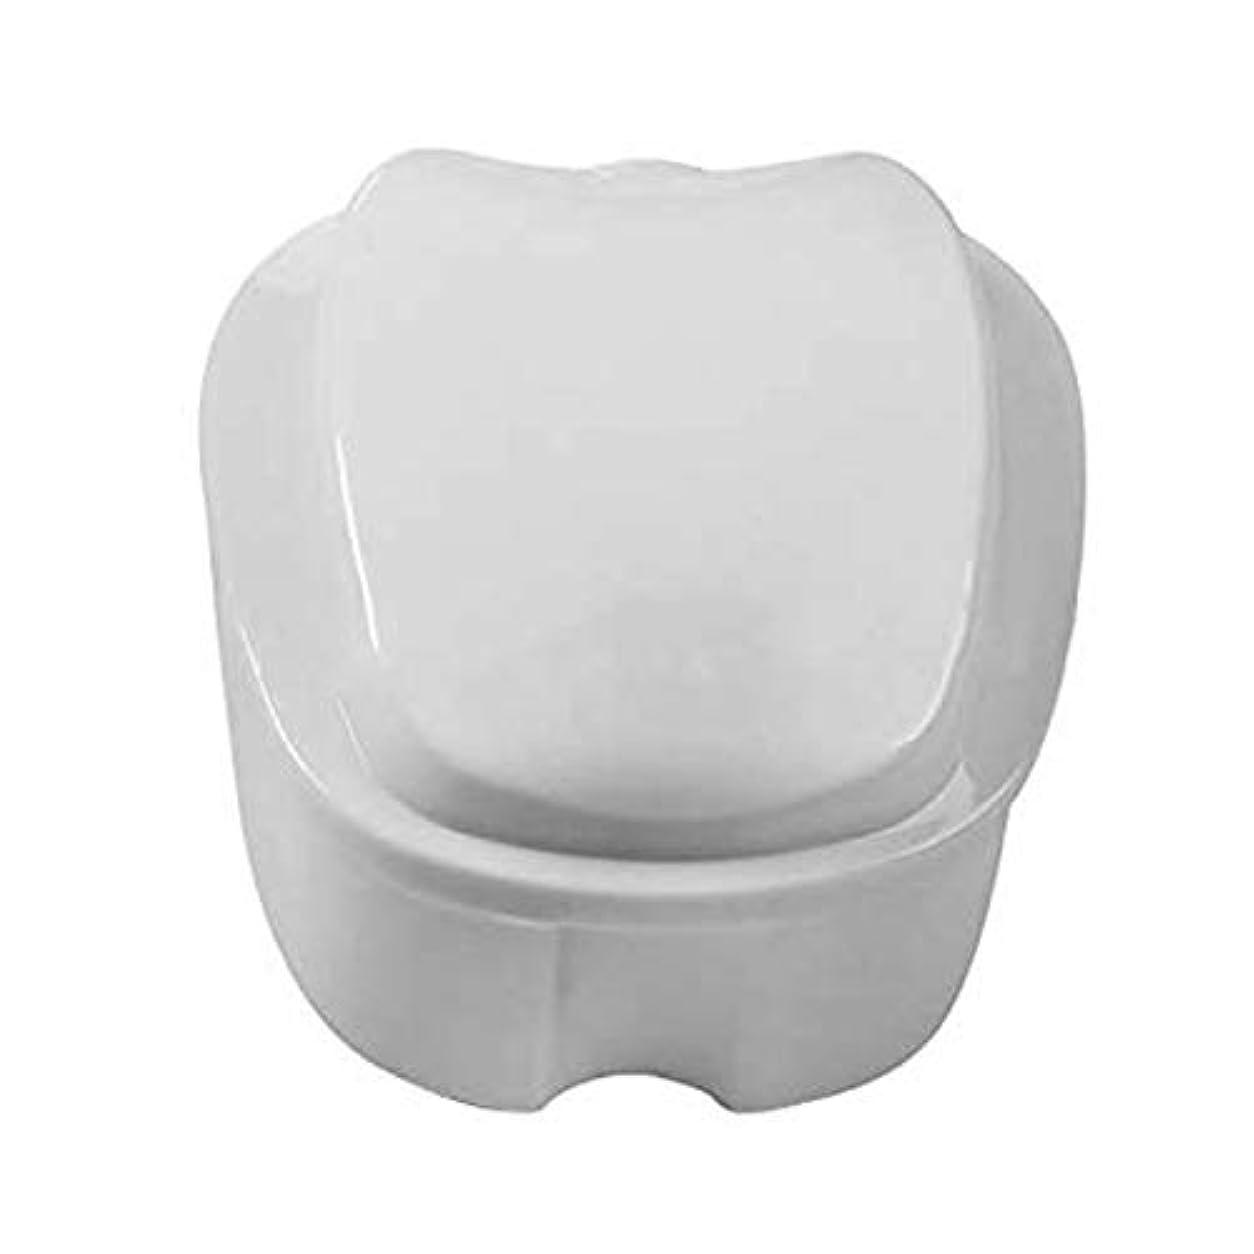 含む段階真っ逆さまCoiTek 入れ歯 ケース 義歯容器 家庭旅行用 ストレーナー付き(ホワイト)